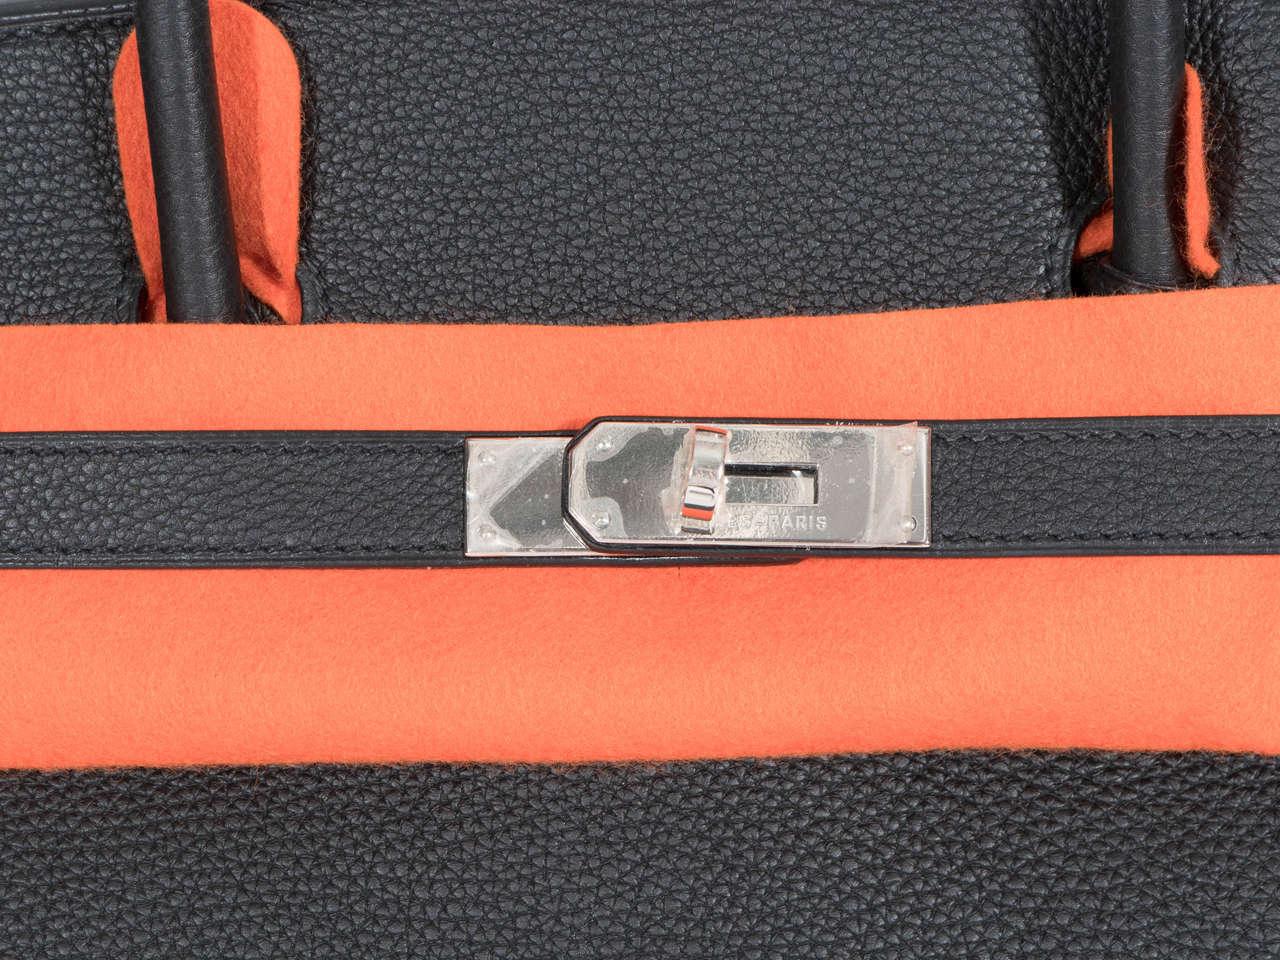 Hermès Paris Birkin Bag 40 in Togo Leather with Palladium Hardware, 2008 4